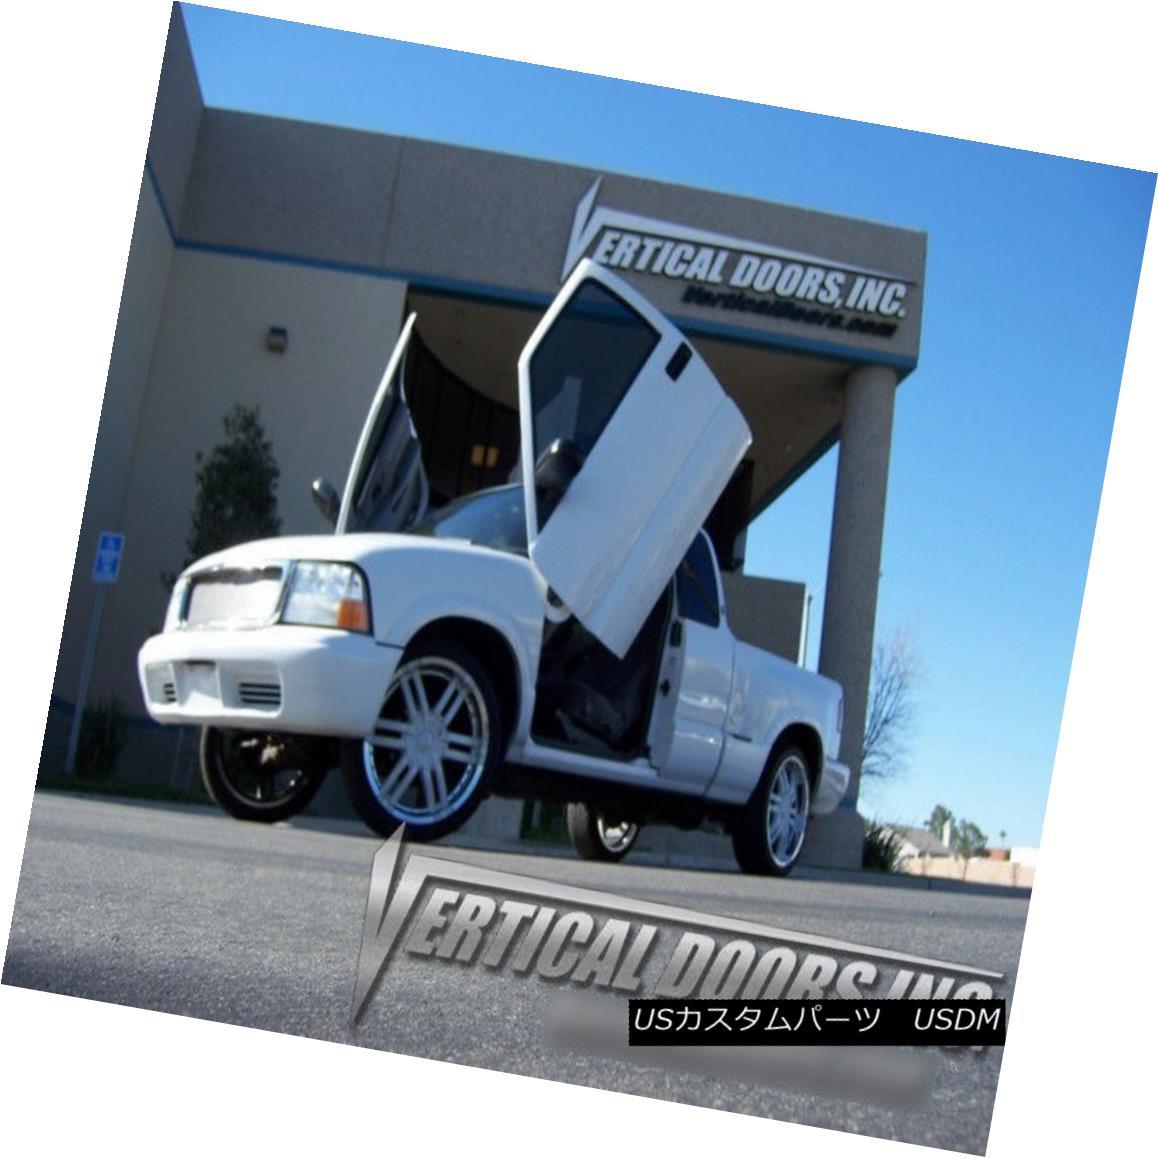 ガルウィングキット Vertical Doors Inc. Bolt-On Lambo Kit for Gmc Sonoma 94-04 Vertical Doors Inc. Gmc Sonoma用ボルトオン・ランボキット94-04